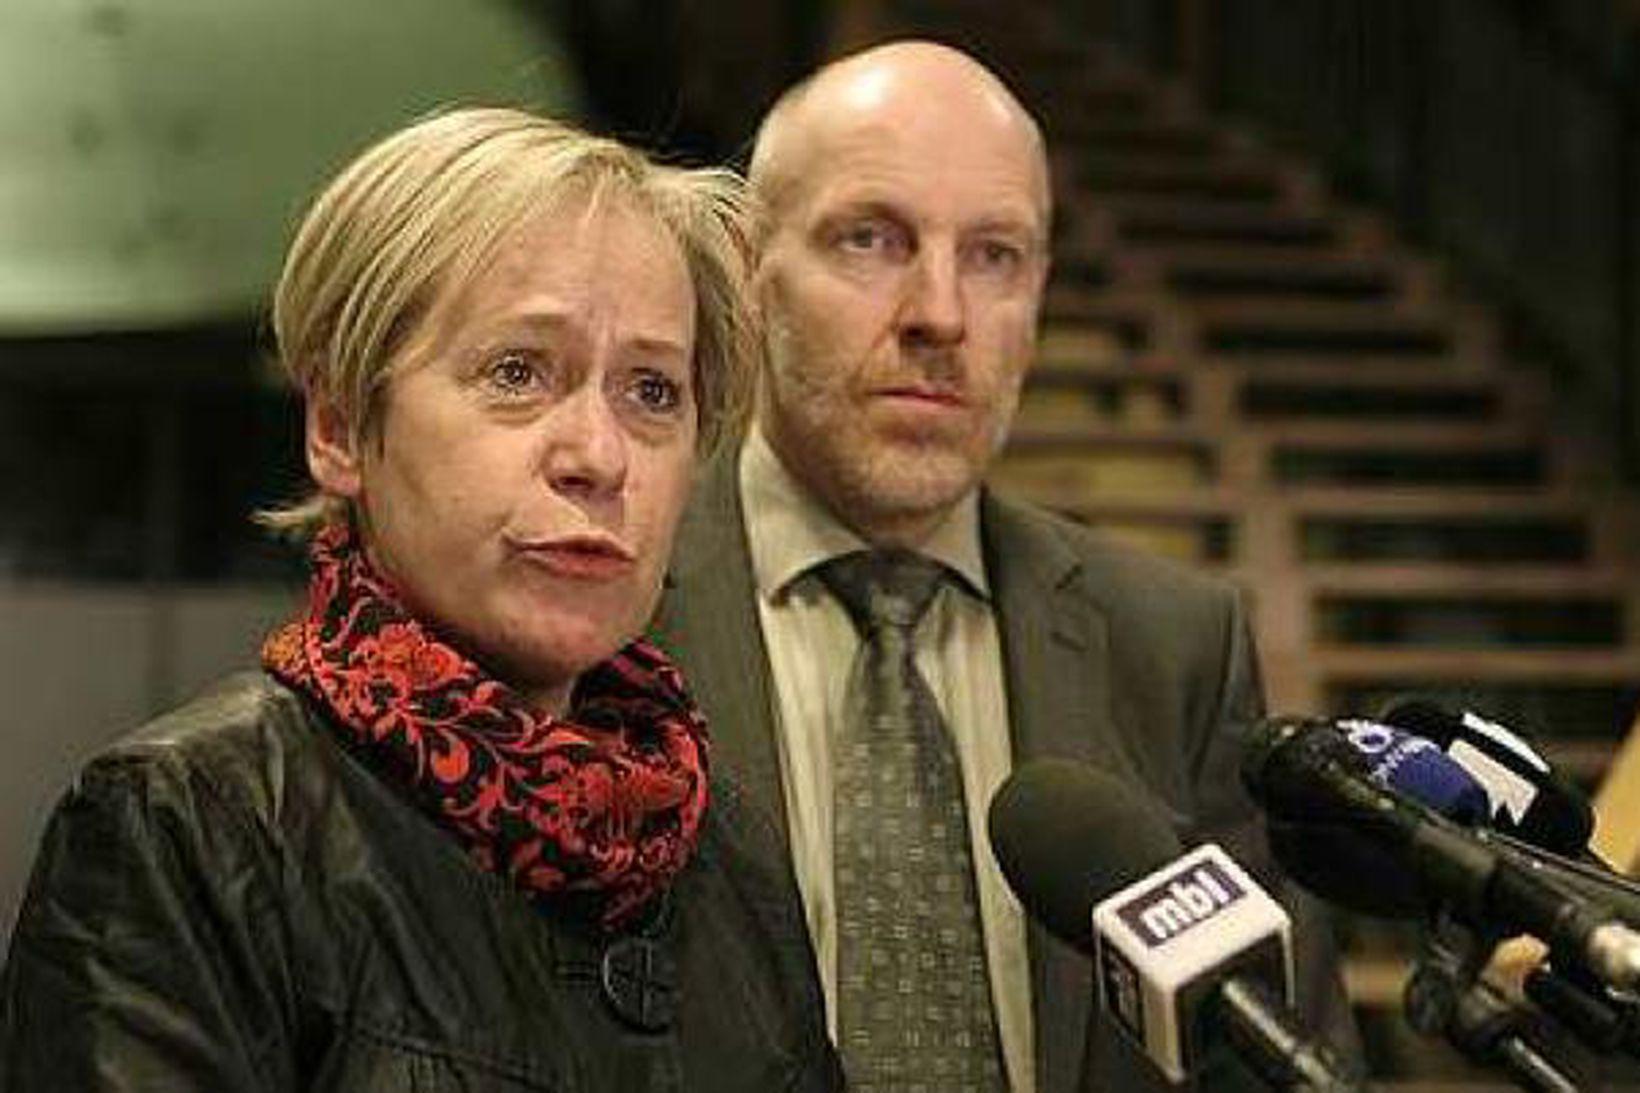 Ingibjörg Sólrún Gísladóttir og Steingrímur J. Sigfússon